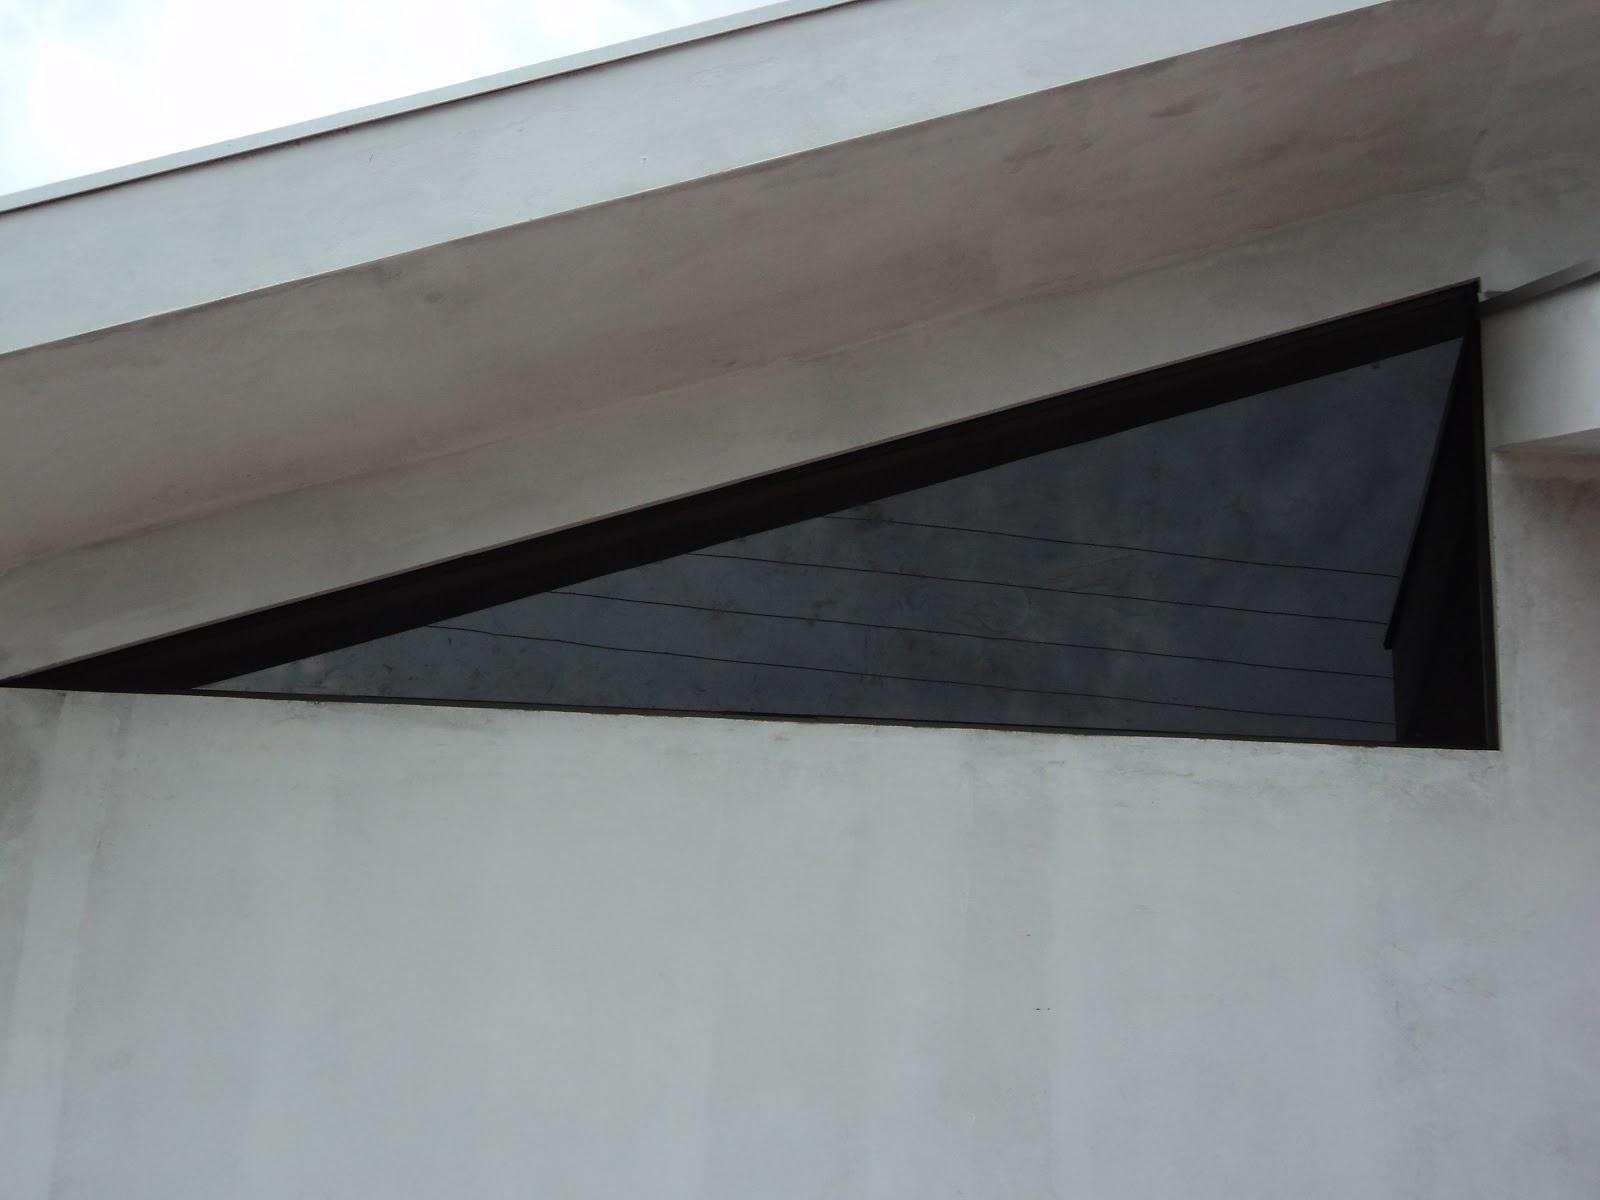 #5A6C71 FRANCO VIDROS TEMPERADOS: Obra em Campos Novos Paulista 1696 Janela De Aluminio Na Cor Bronze